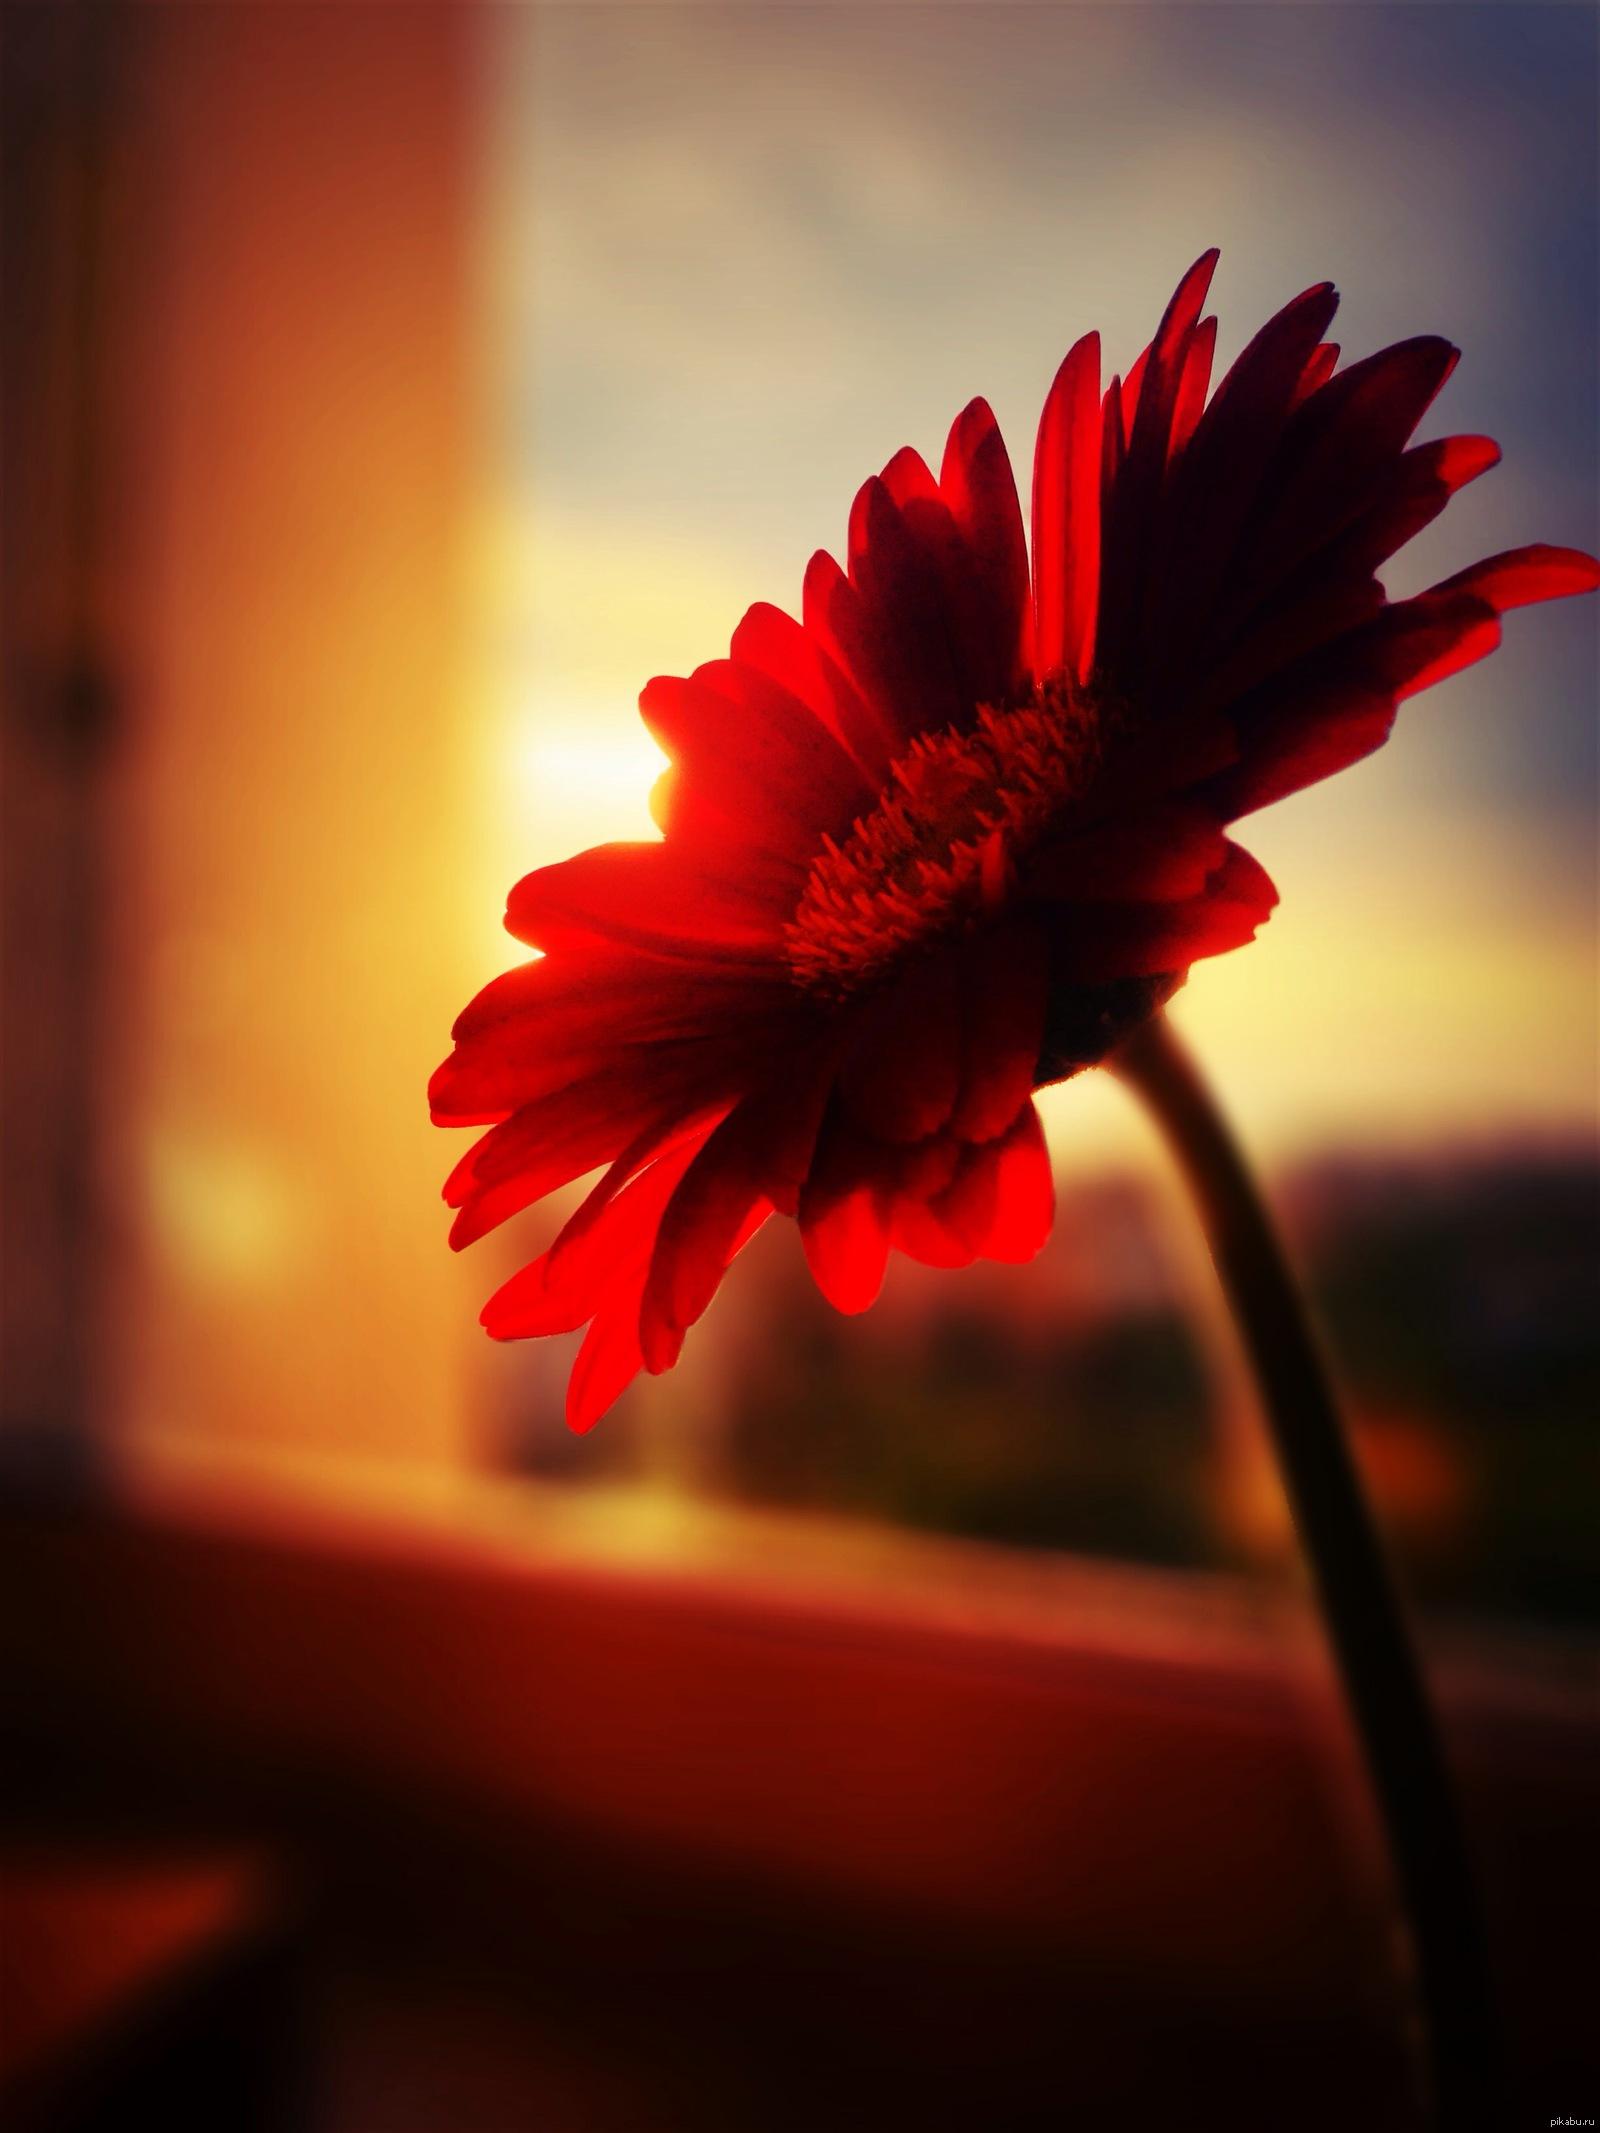 цветы картинка одинокая очень больна